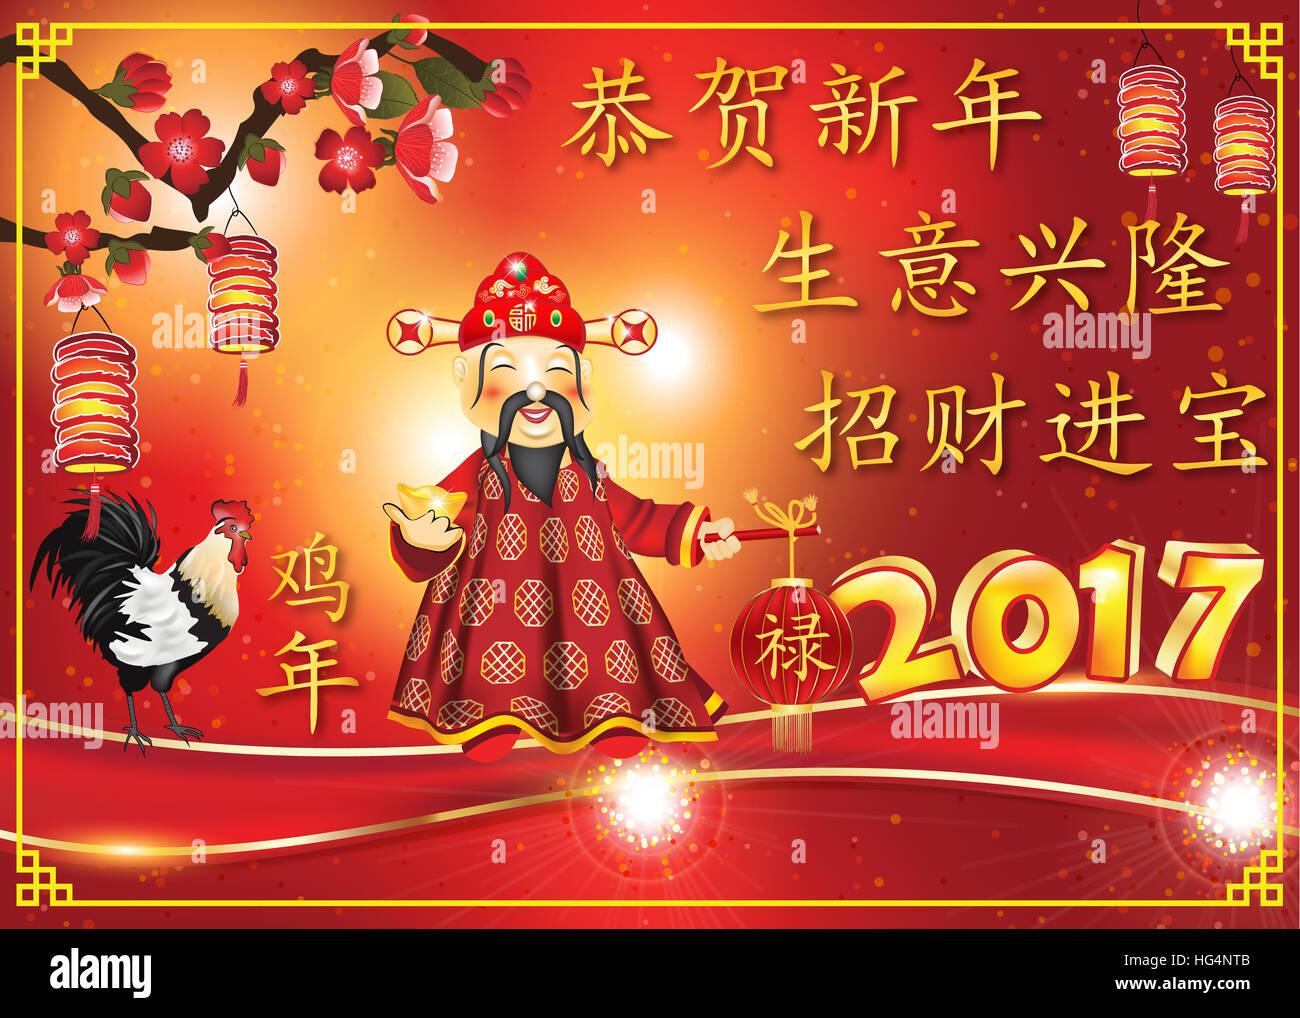 Chinesische Neujahr Hahn Gruß Firmenkarte. Text: Textübersetzung ...